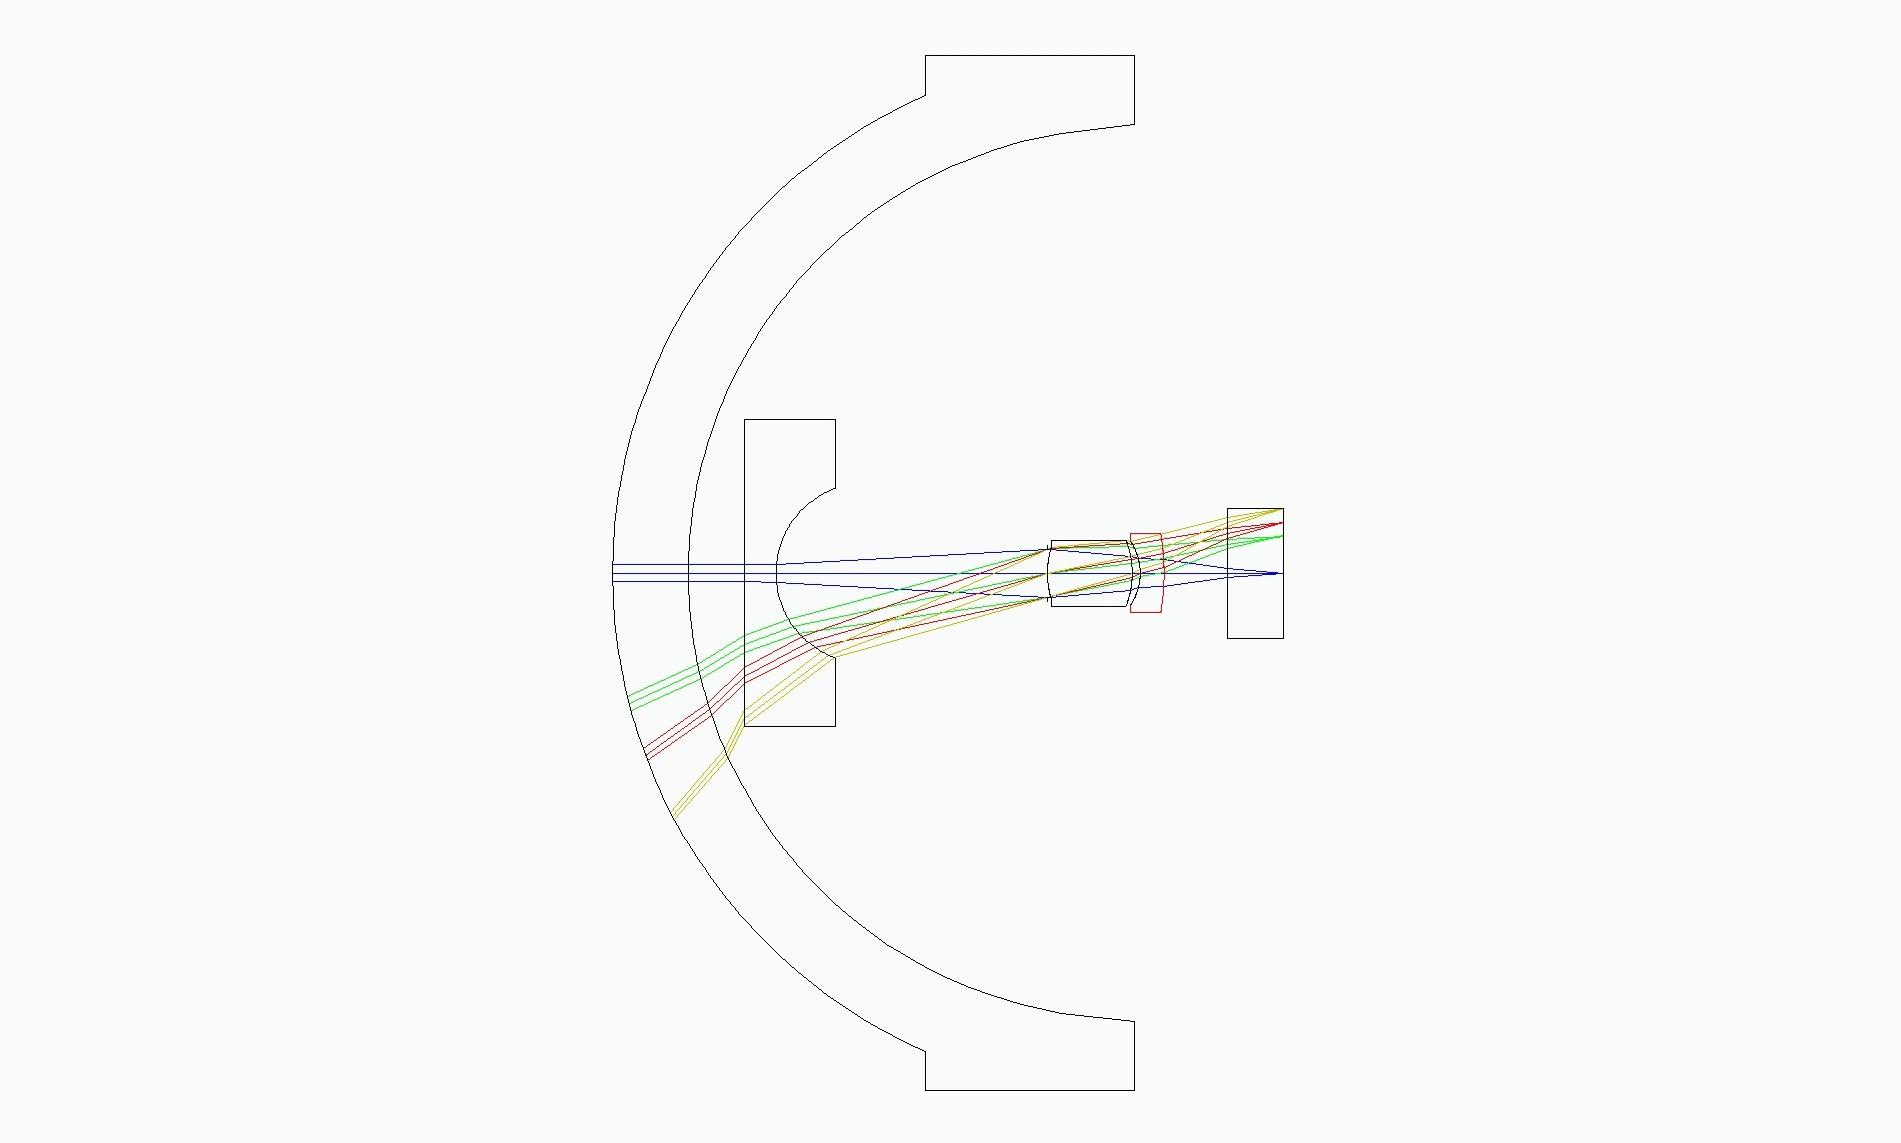 Расчет и разработка тепловизионных оптических систем